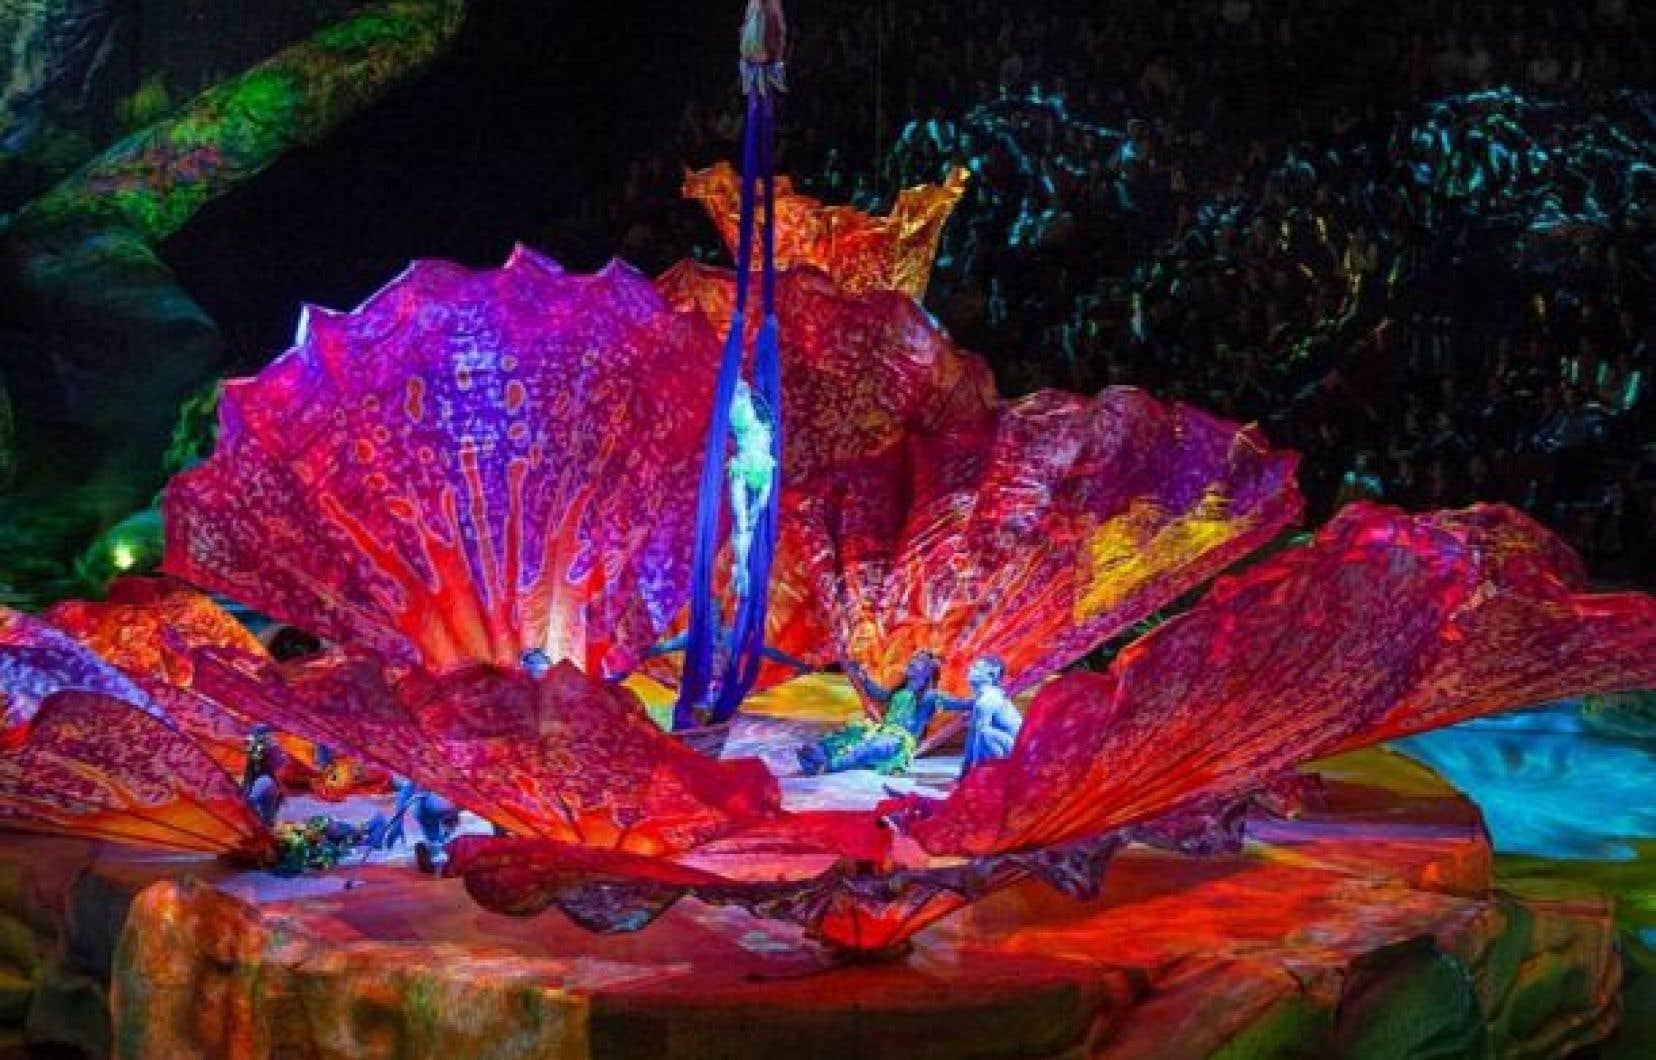 Les représentations des spectacles OVO prévues du 20 au 24 avril, et celles de Toruk - Avatar prévues du 22 au 26 juin et du 6 au 10 juillet à Charlotte et Raleigh ont été annulées.